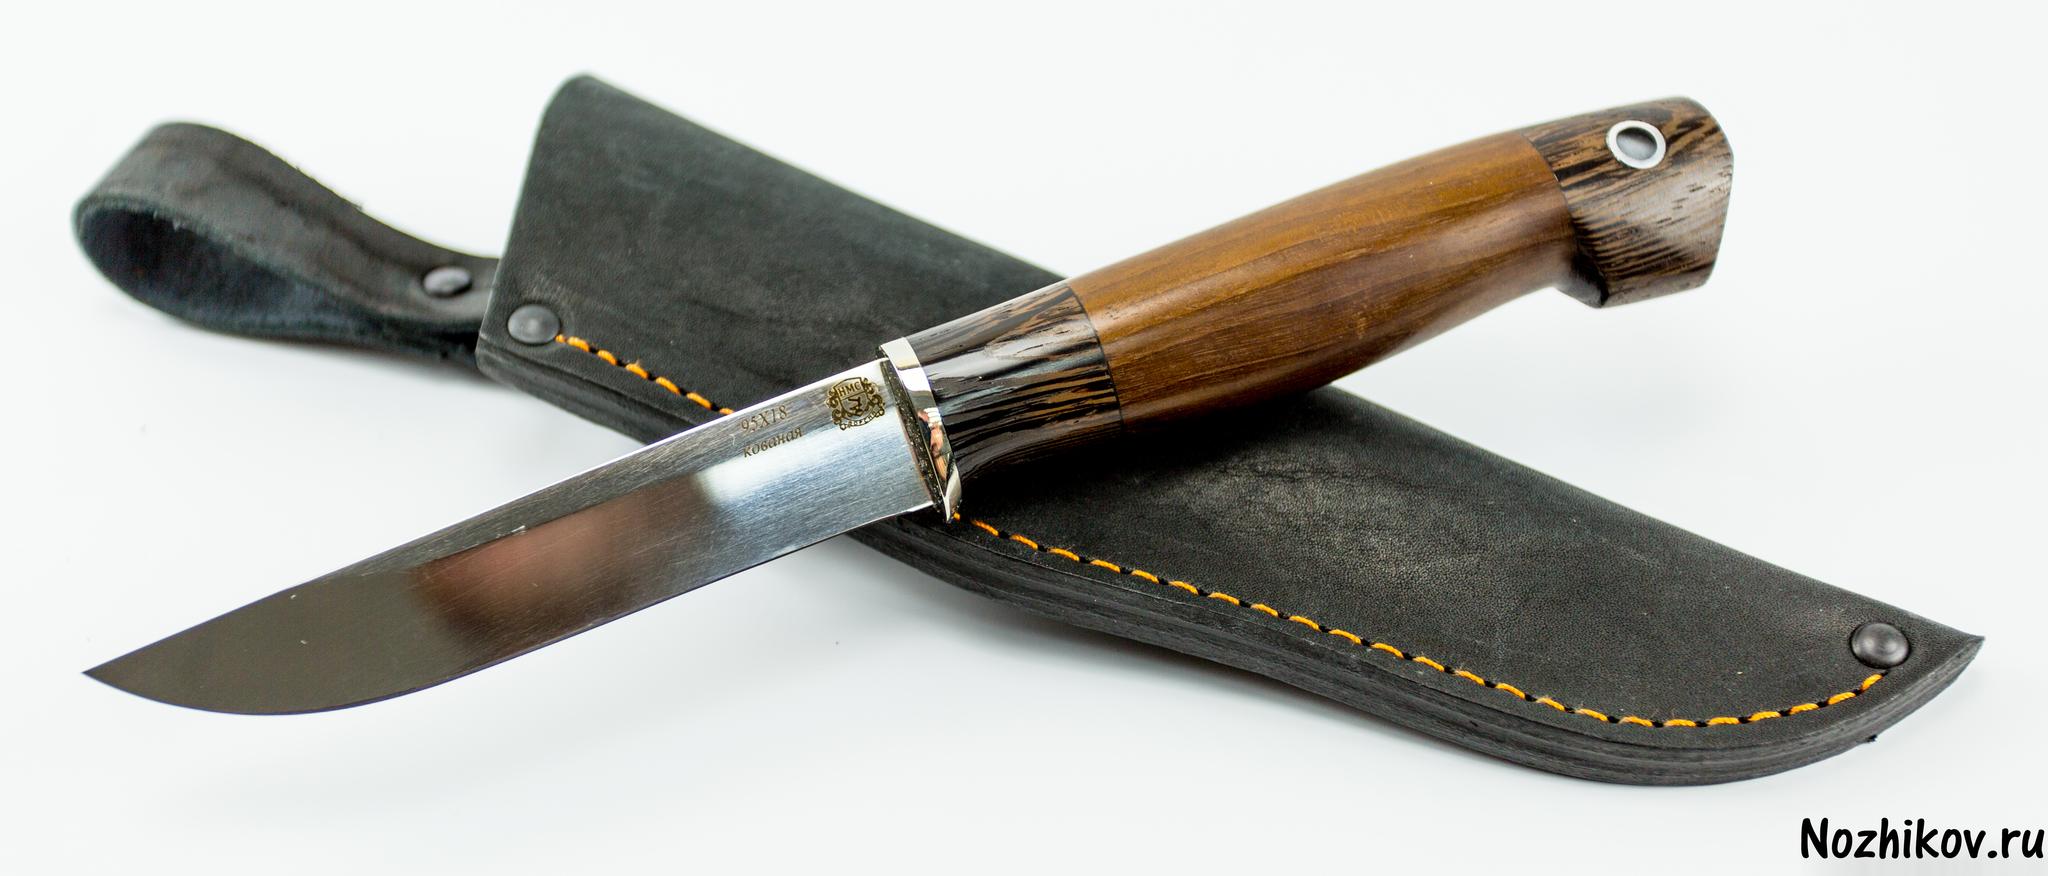 Фото 12 - Нож Финский, сталь 95Х18, рукоять орех от Мастерская Сковородихина